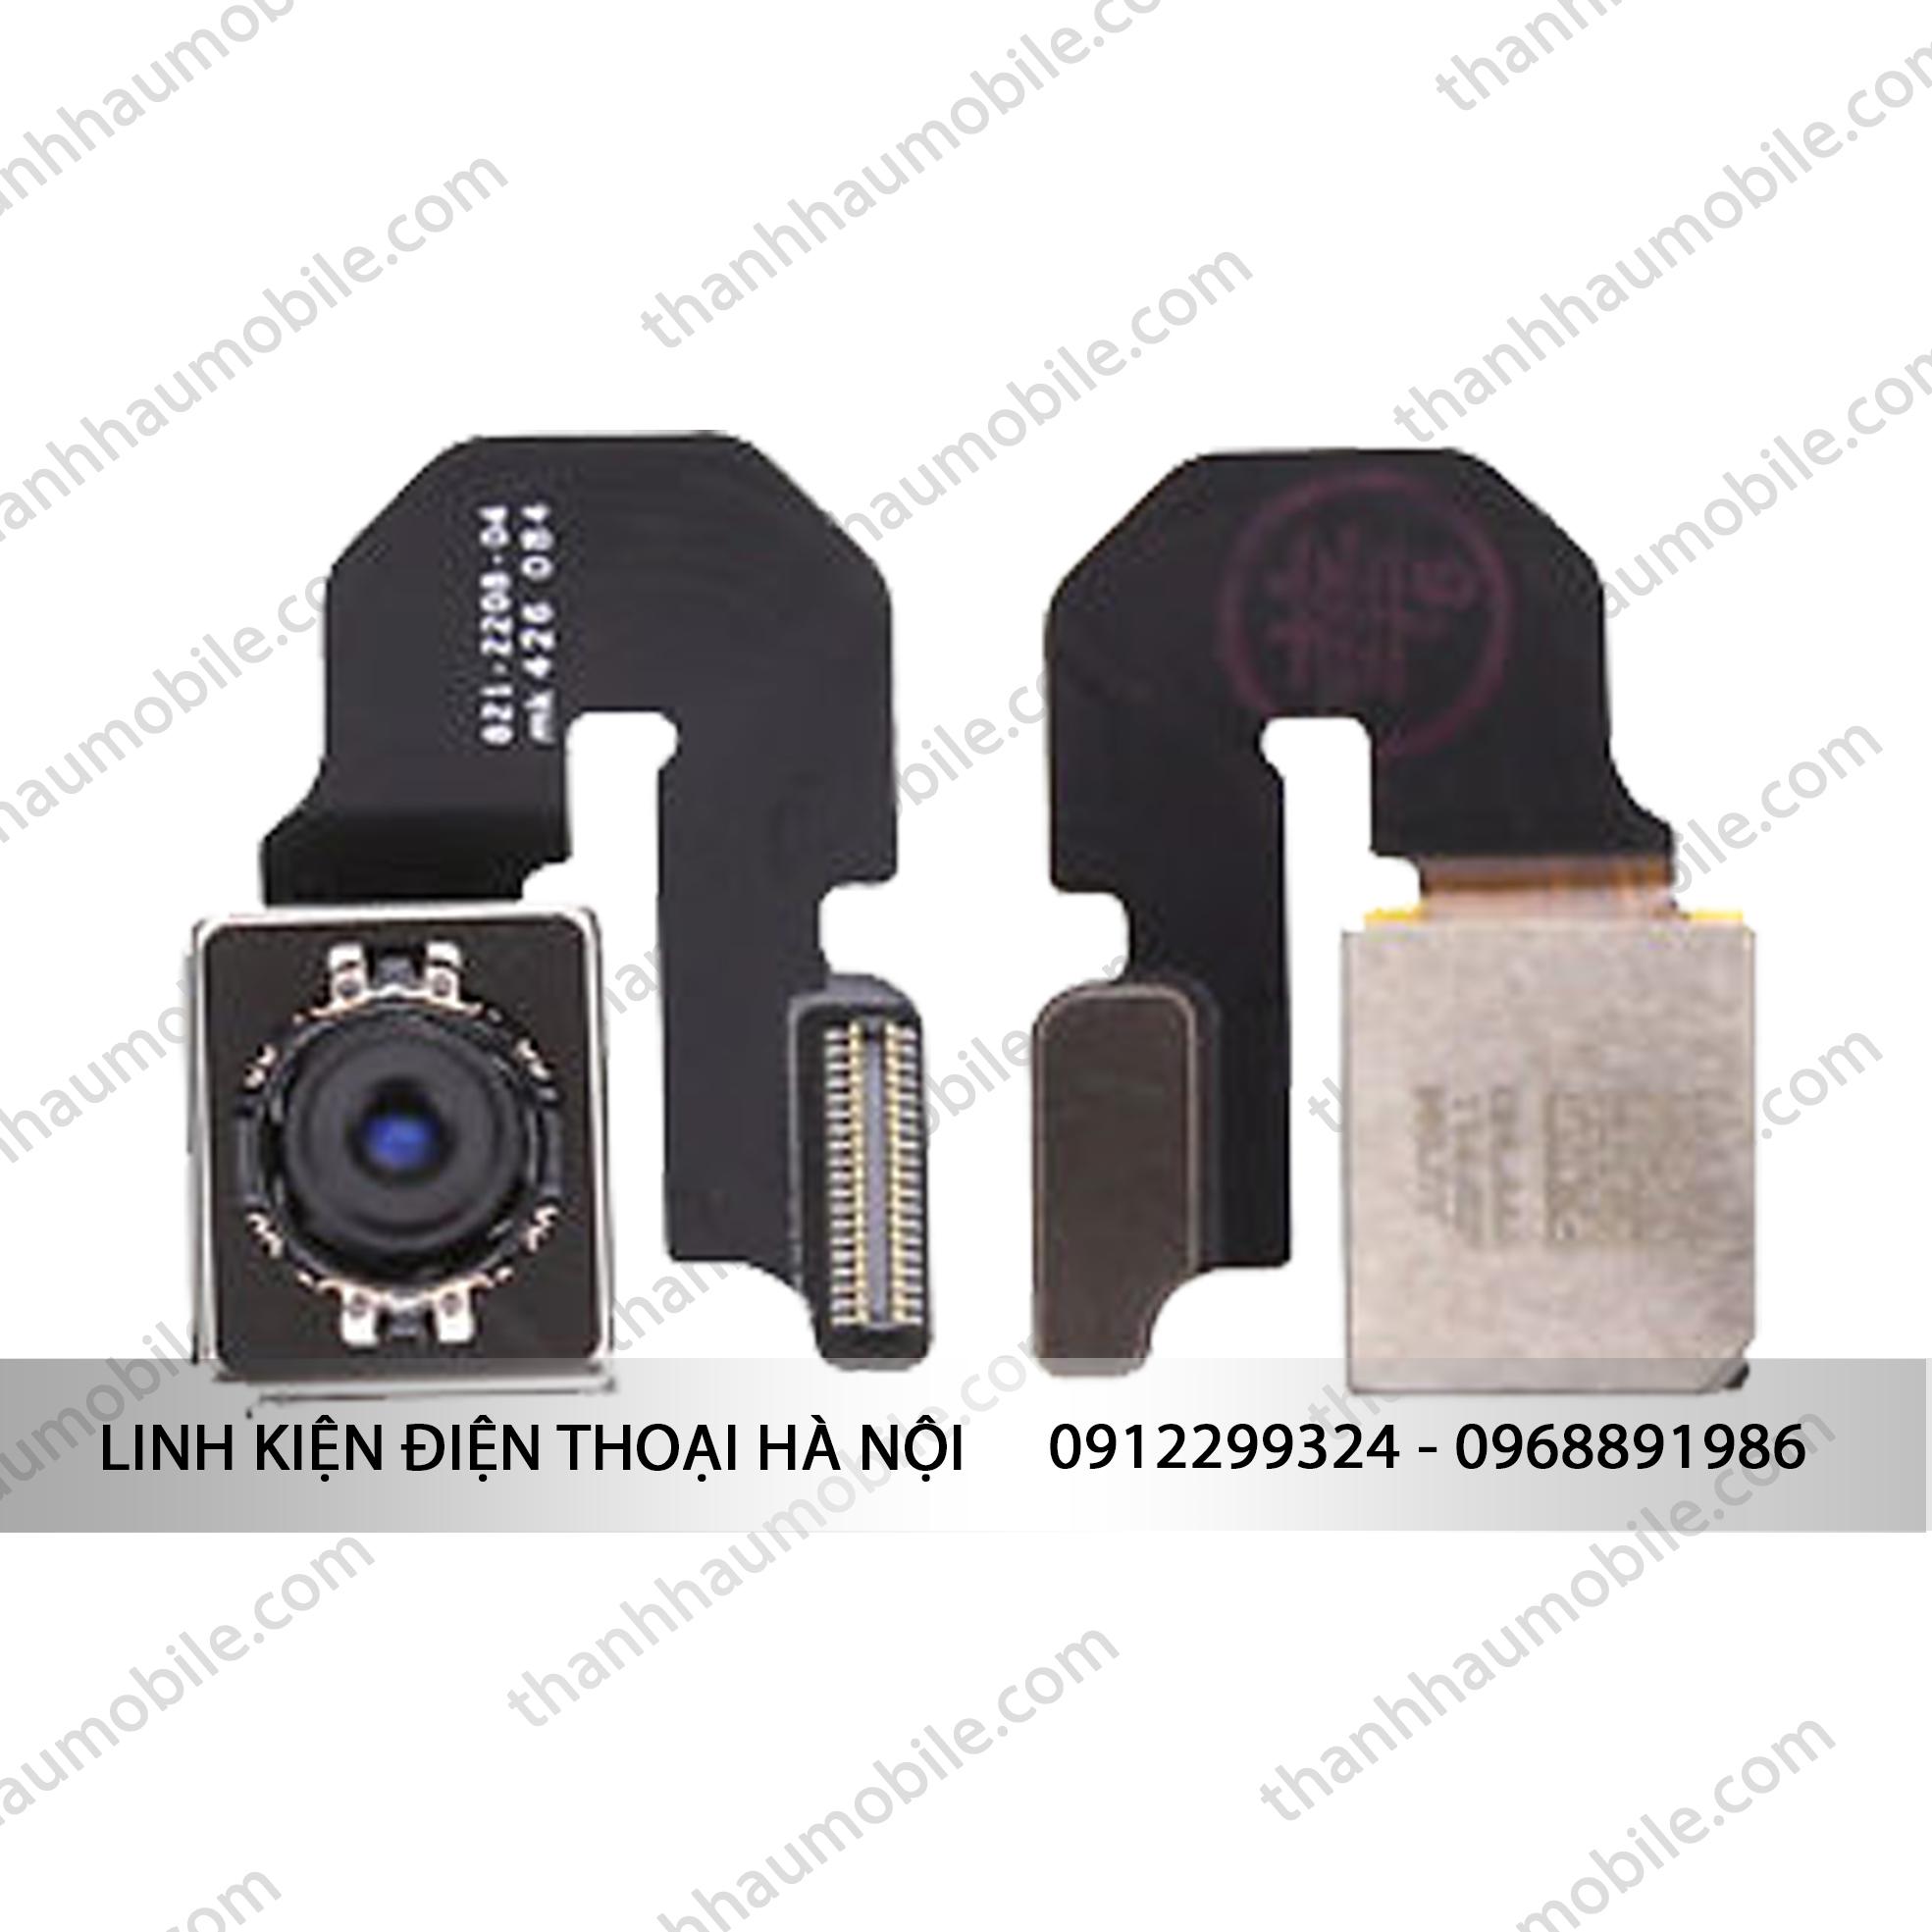 Thay camera iphone 6 giá bao nhiêu? địa chỉ thay camera ip6 uy tín?